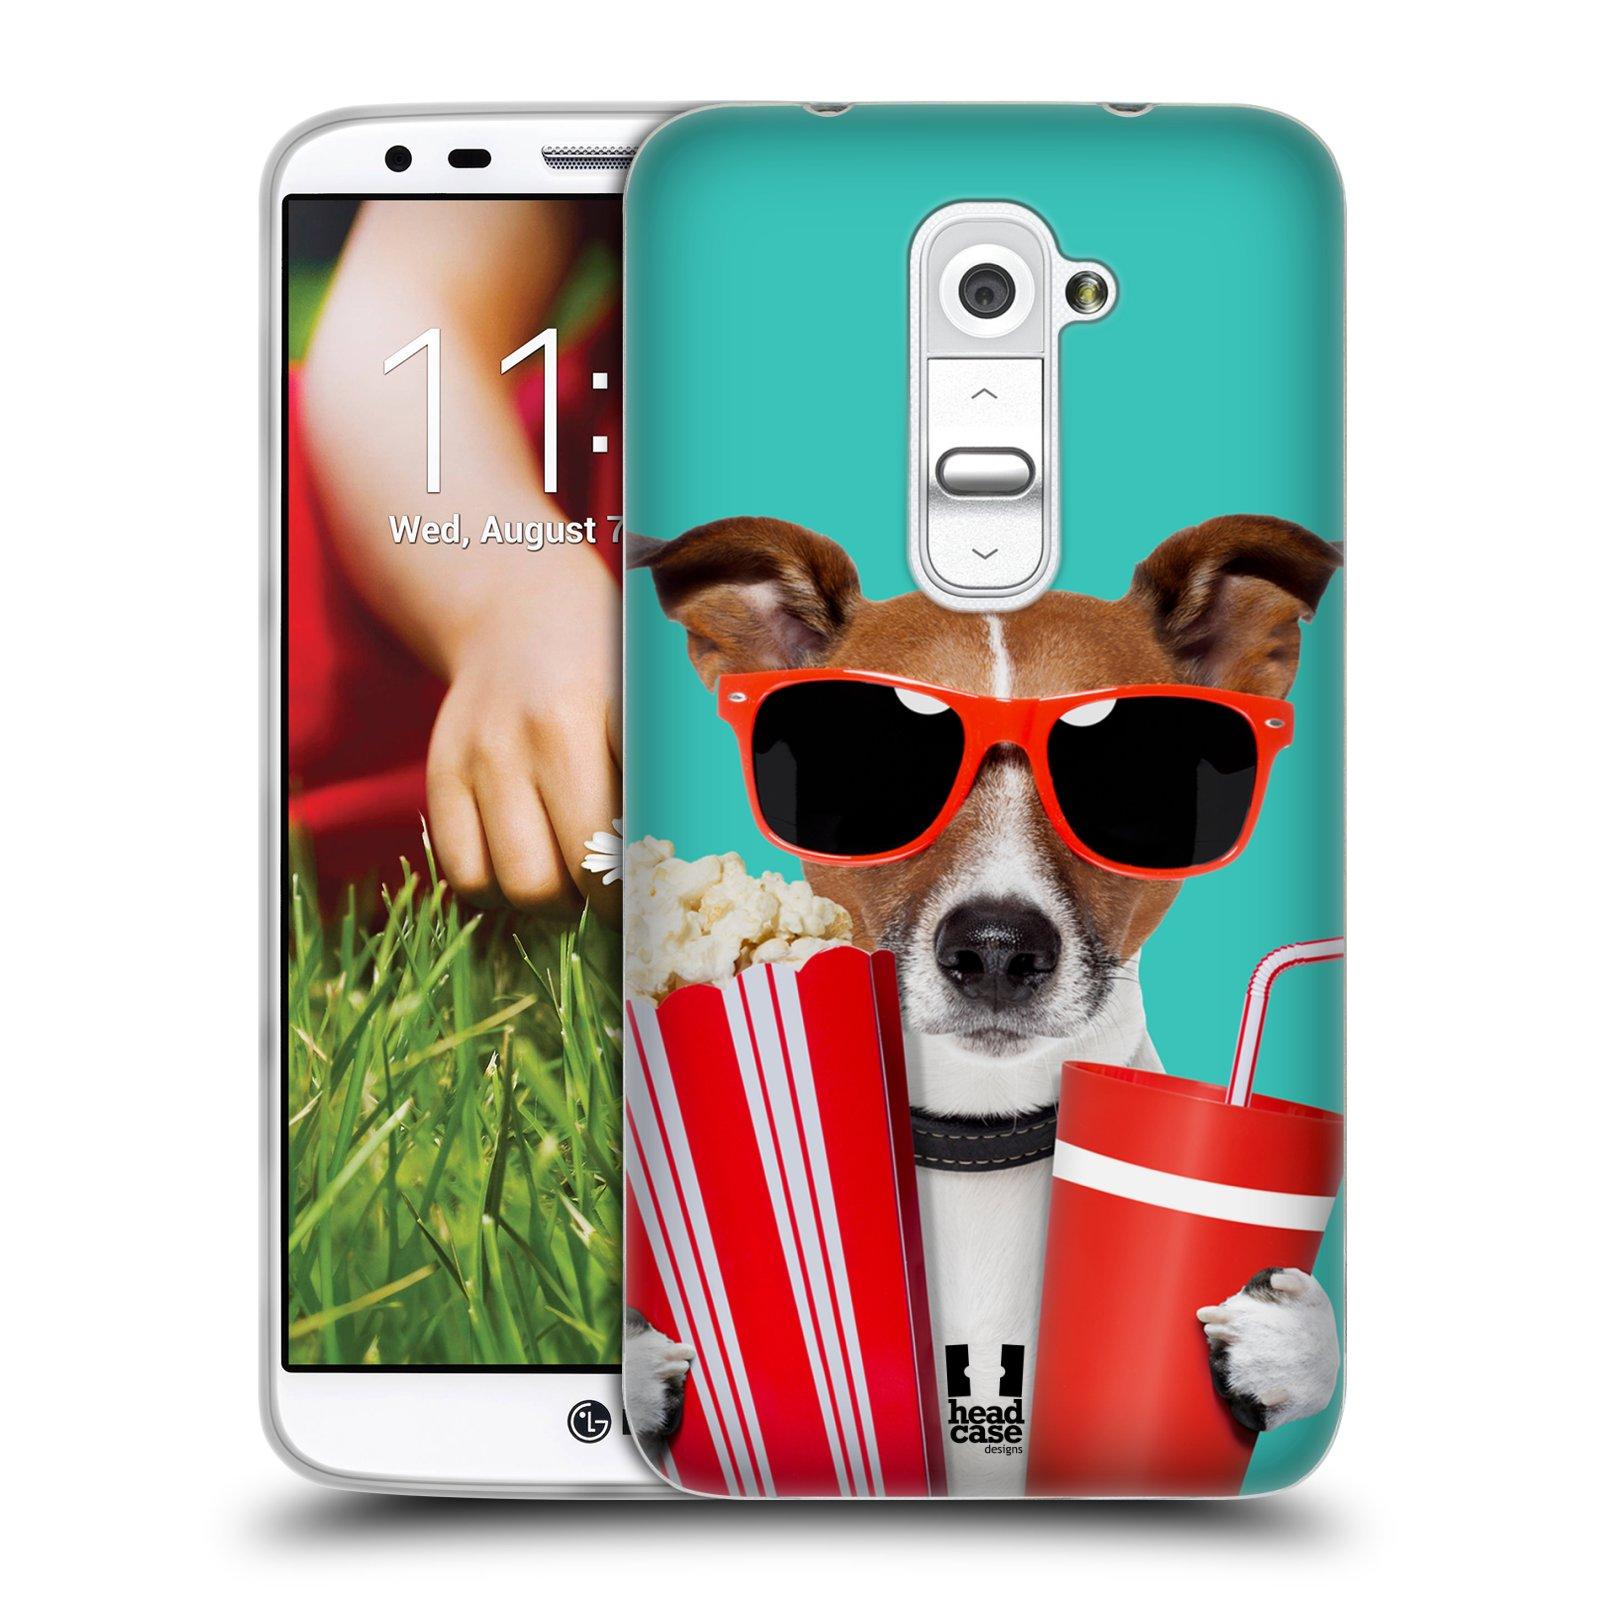 HEAD CASE silikonový obal na mobil LG G2 vzor Legrační zvířátka pejsek v kině s popkornem